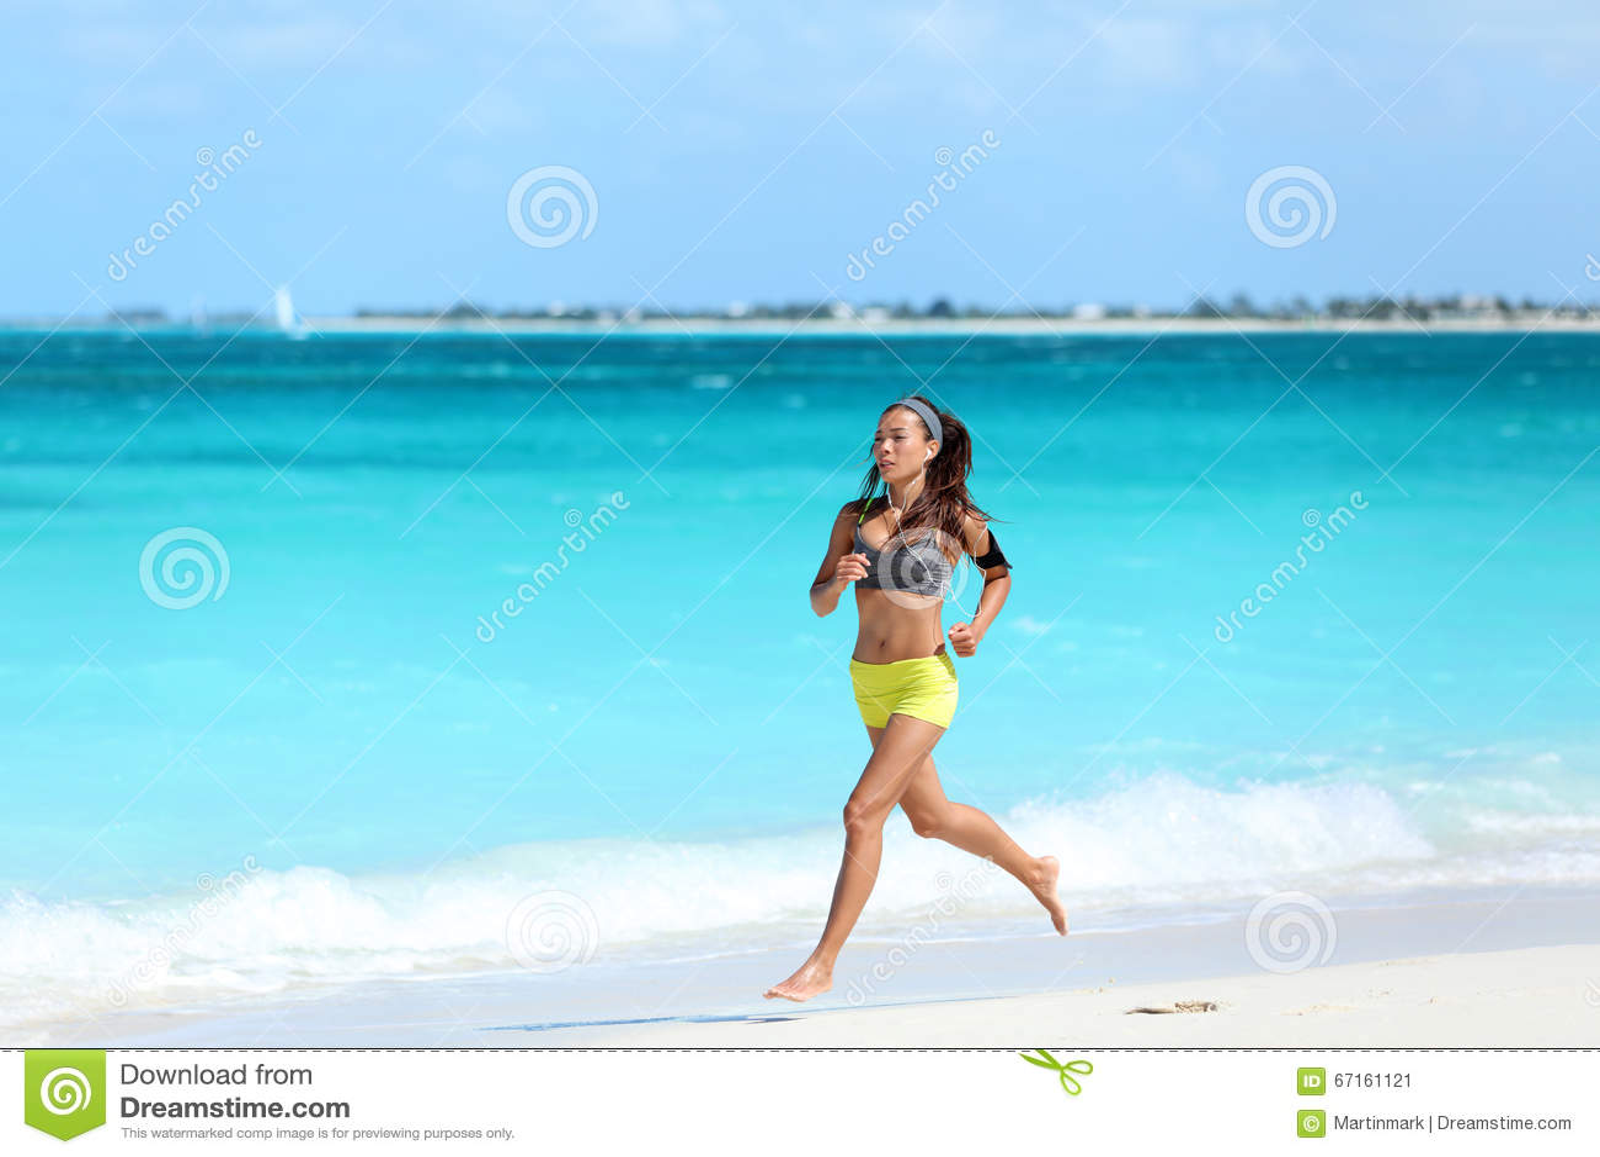 Vrouwenagent die op strand lopen - de zomeroefening